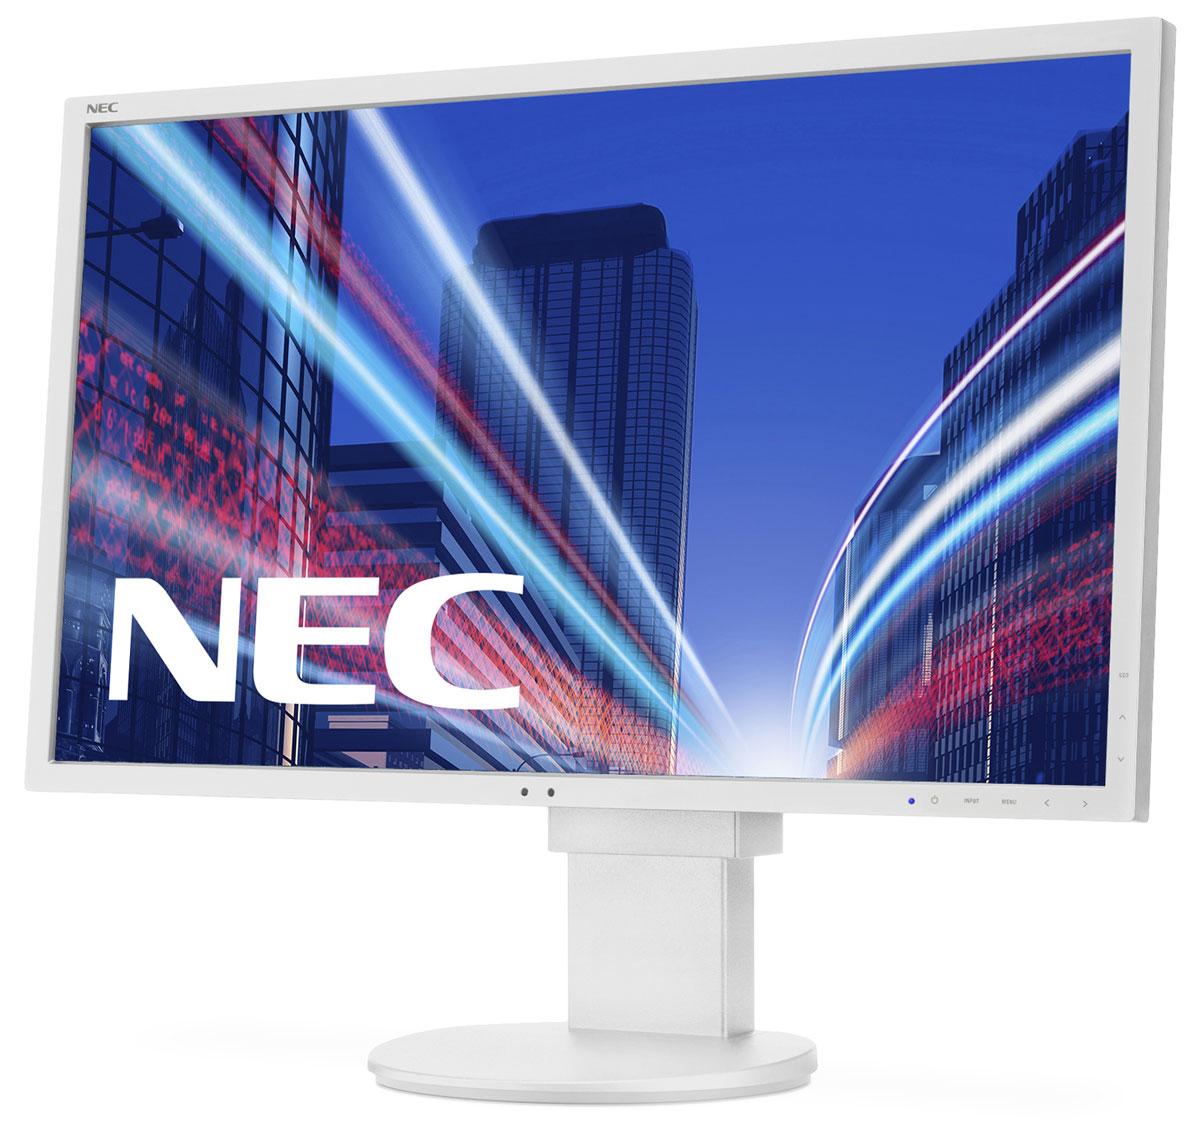 NEC EA275WMi, White монитор60003814Модель NEC EA275WMi обладает очень тонкой 27 IPS-панелью со светодиодной подсветкой и разрешением 2560 x 1440, что обеспечивает ультрасовременный и тонкий дизайн. Датчик рассеянного света и датчик присутствия являются стандартными характеристиками данной модели, кроме того, модель обладает улучшенными эргономическими характеристиками, например, механизмом регулирования высоты до 130 мм. Эргономическое исполнение данного дисплея дополняется отличным качеством изображения. Дисплей также располагает перспективными возможностями соединения с 4 коннекторами: DisplayPort, DVI-I, HDMI и выходом DisplayPort.Идеальный набор функциональных возможностей для офисной эксплуатации – встроенные динамики, гнездо для подключения наушников и USB-хаб обеспечивают отличные опции для офисной коммуникации.Датчик рассеянного света – благодаря функции автоматической яркости Auto Brightness всегда можно оптимизировать уровень яркости в зависимости от освещения и условий изображения.Датчик присутствия человека – определяет присутствие человека перед экраном и автоматически включает или выключает экран для экономии электроэнергии.